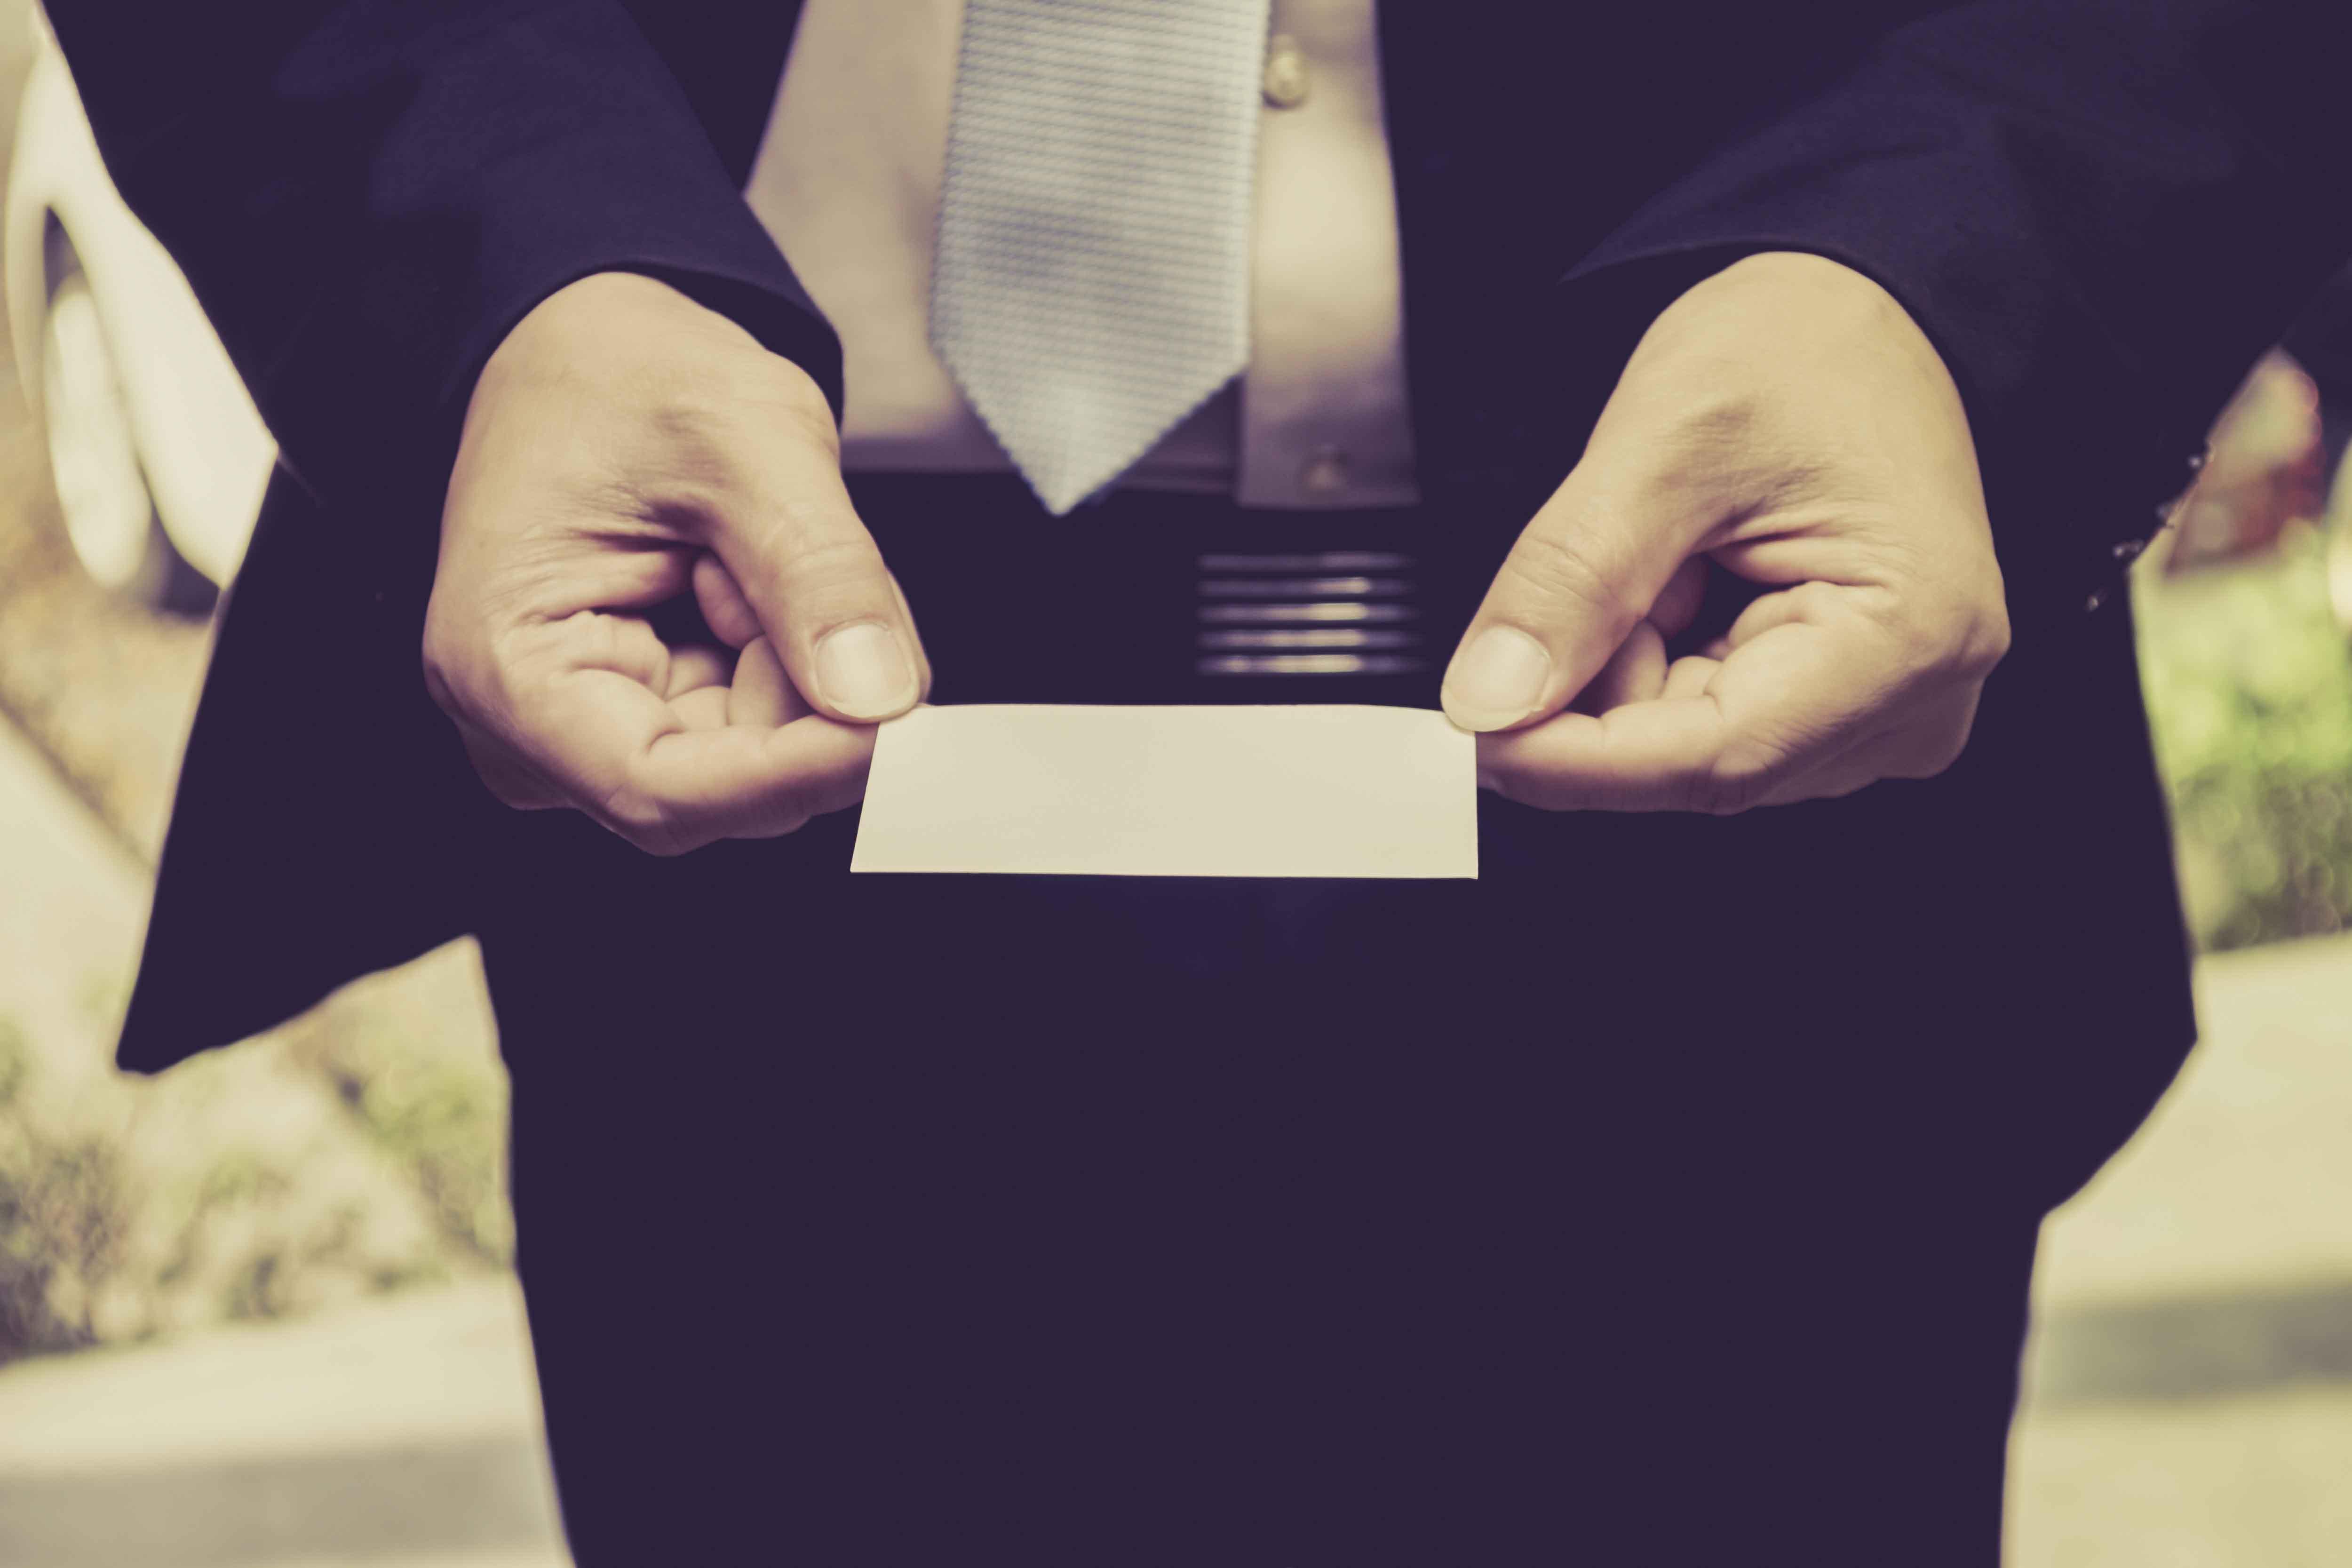 Señor trajeando sujetando tarjeta de visita en blanco